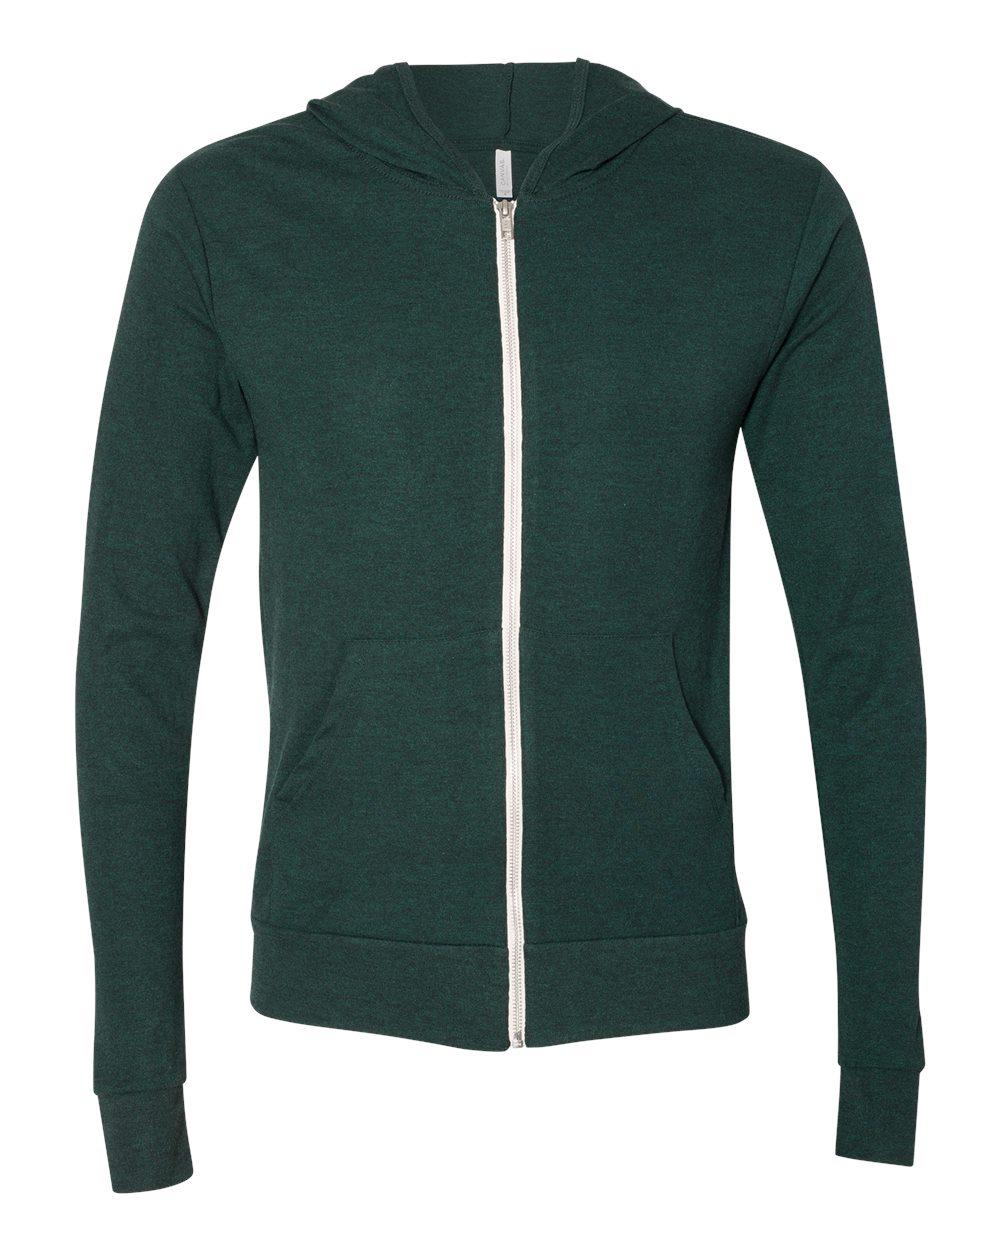 Bella-Canvas-Unisex-Triblend-Lightweight-Hooded-Full-Zip-T-Shirt-3939-upto-2XL thumbnail 12